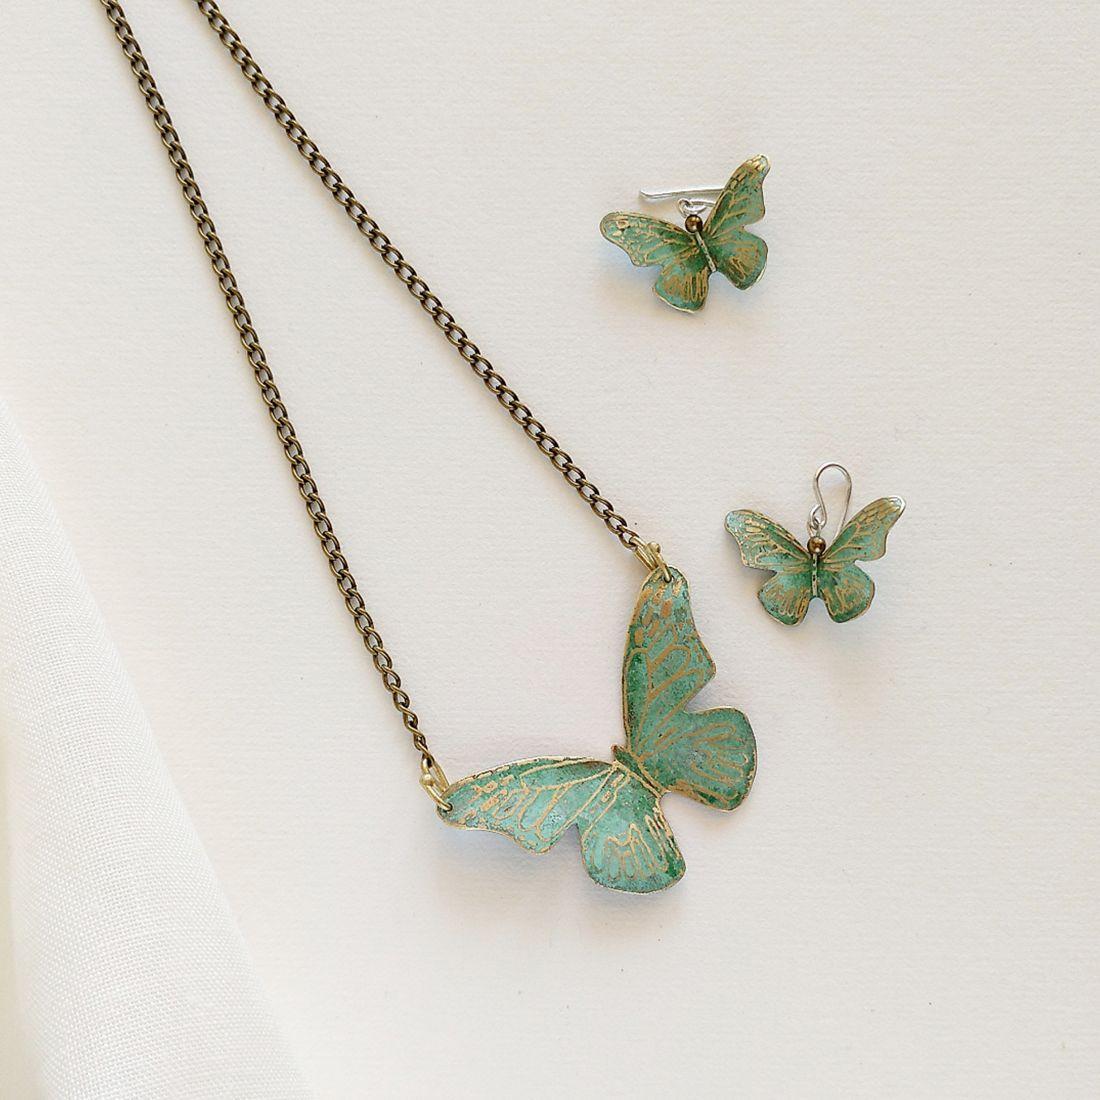 Pendientes mariposa-joyeriacreativa-singularsisters-40